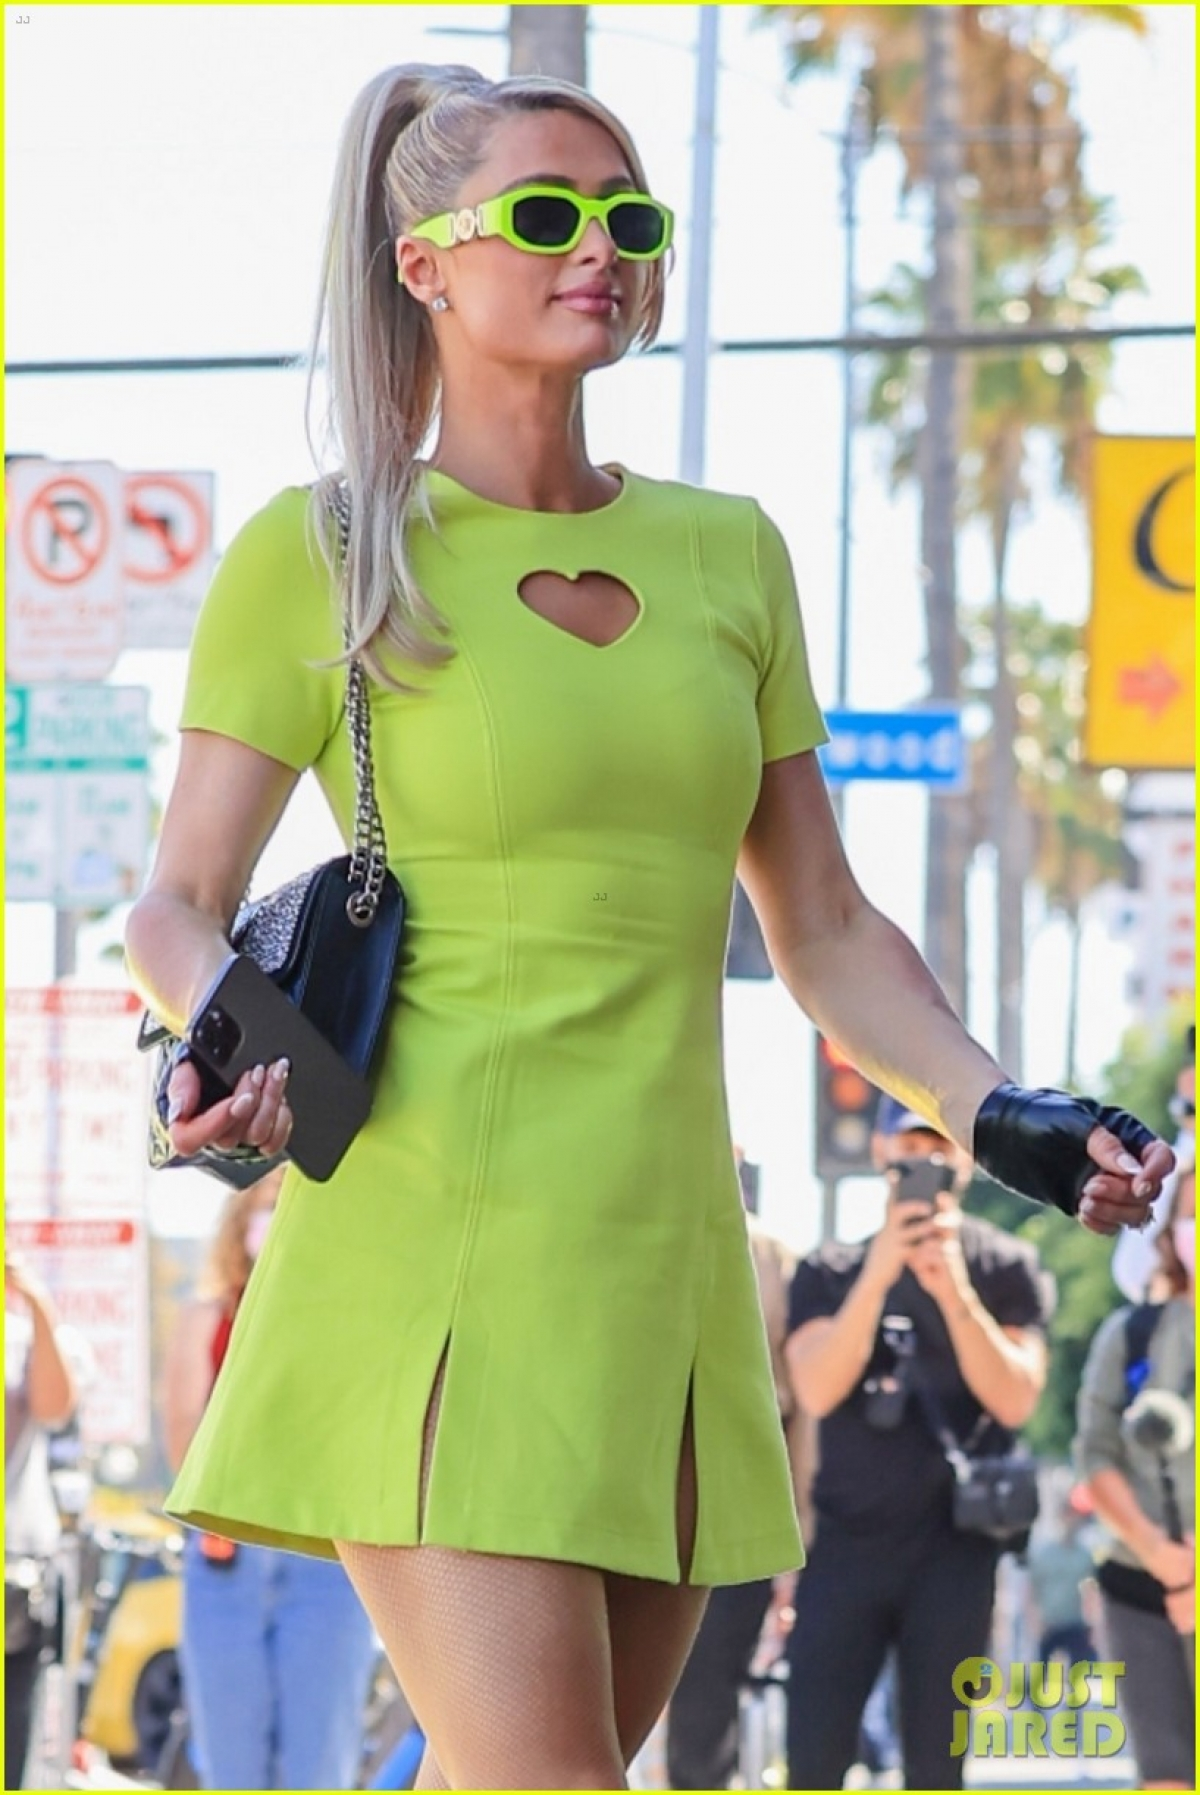 Kiều nữ xinh đẹp diện đầm xanh gợi cảm, khoe dáng thanh mảnh, cuốn hút.